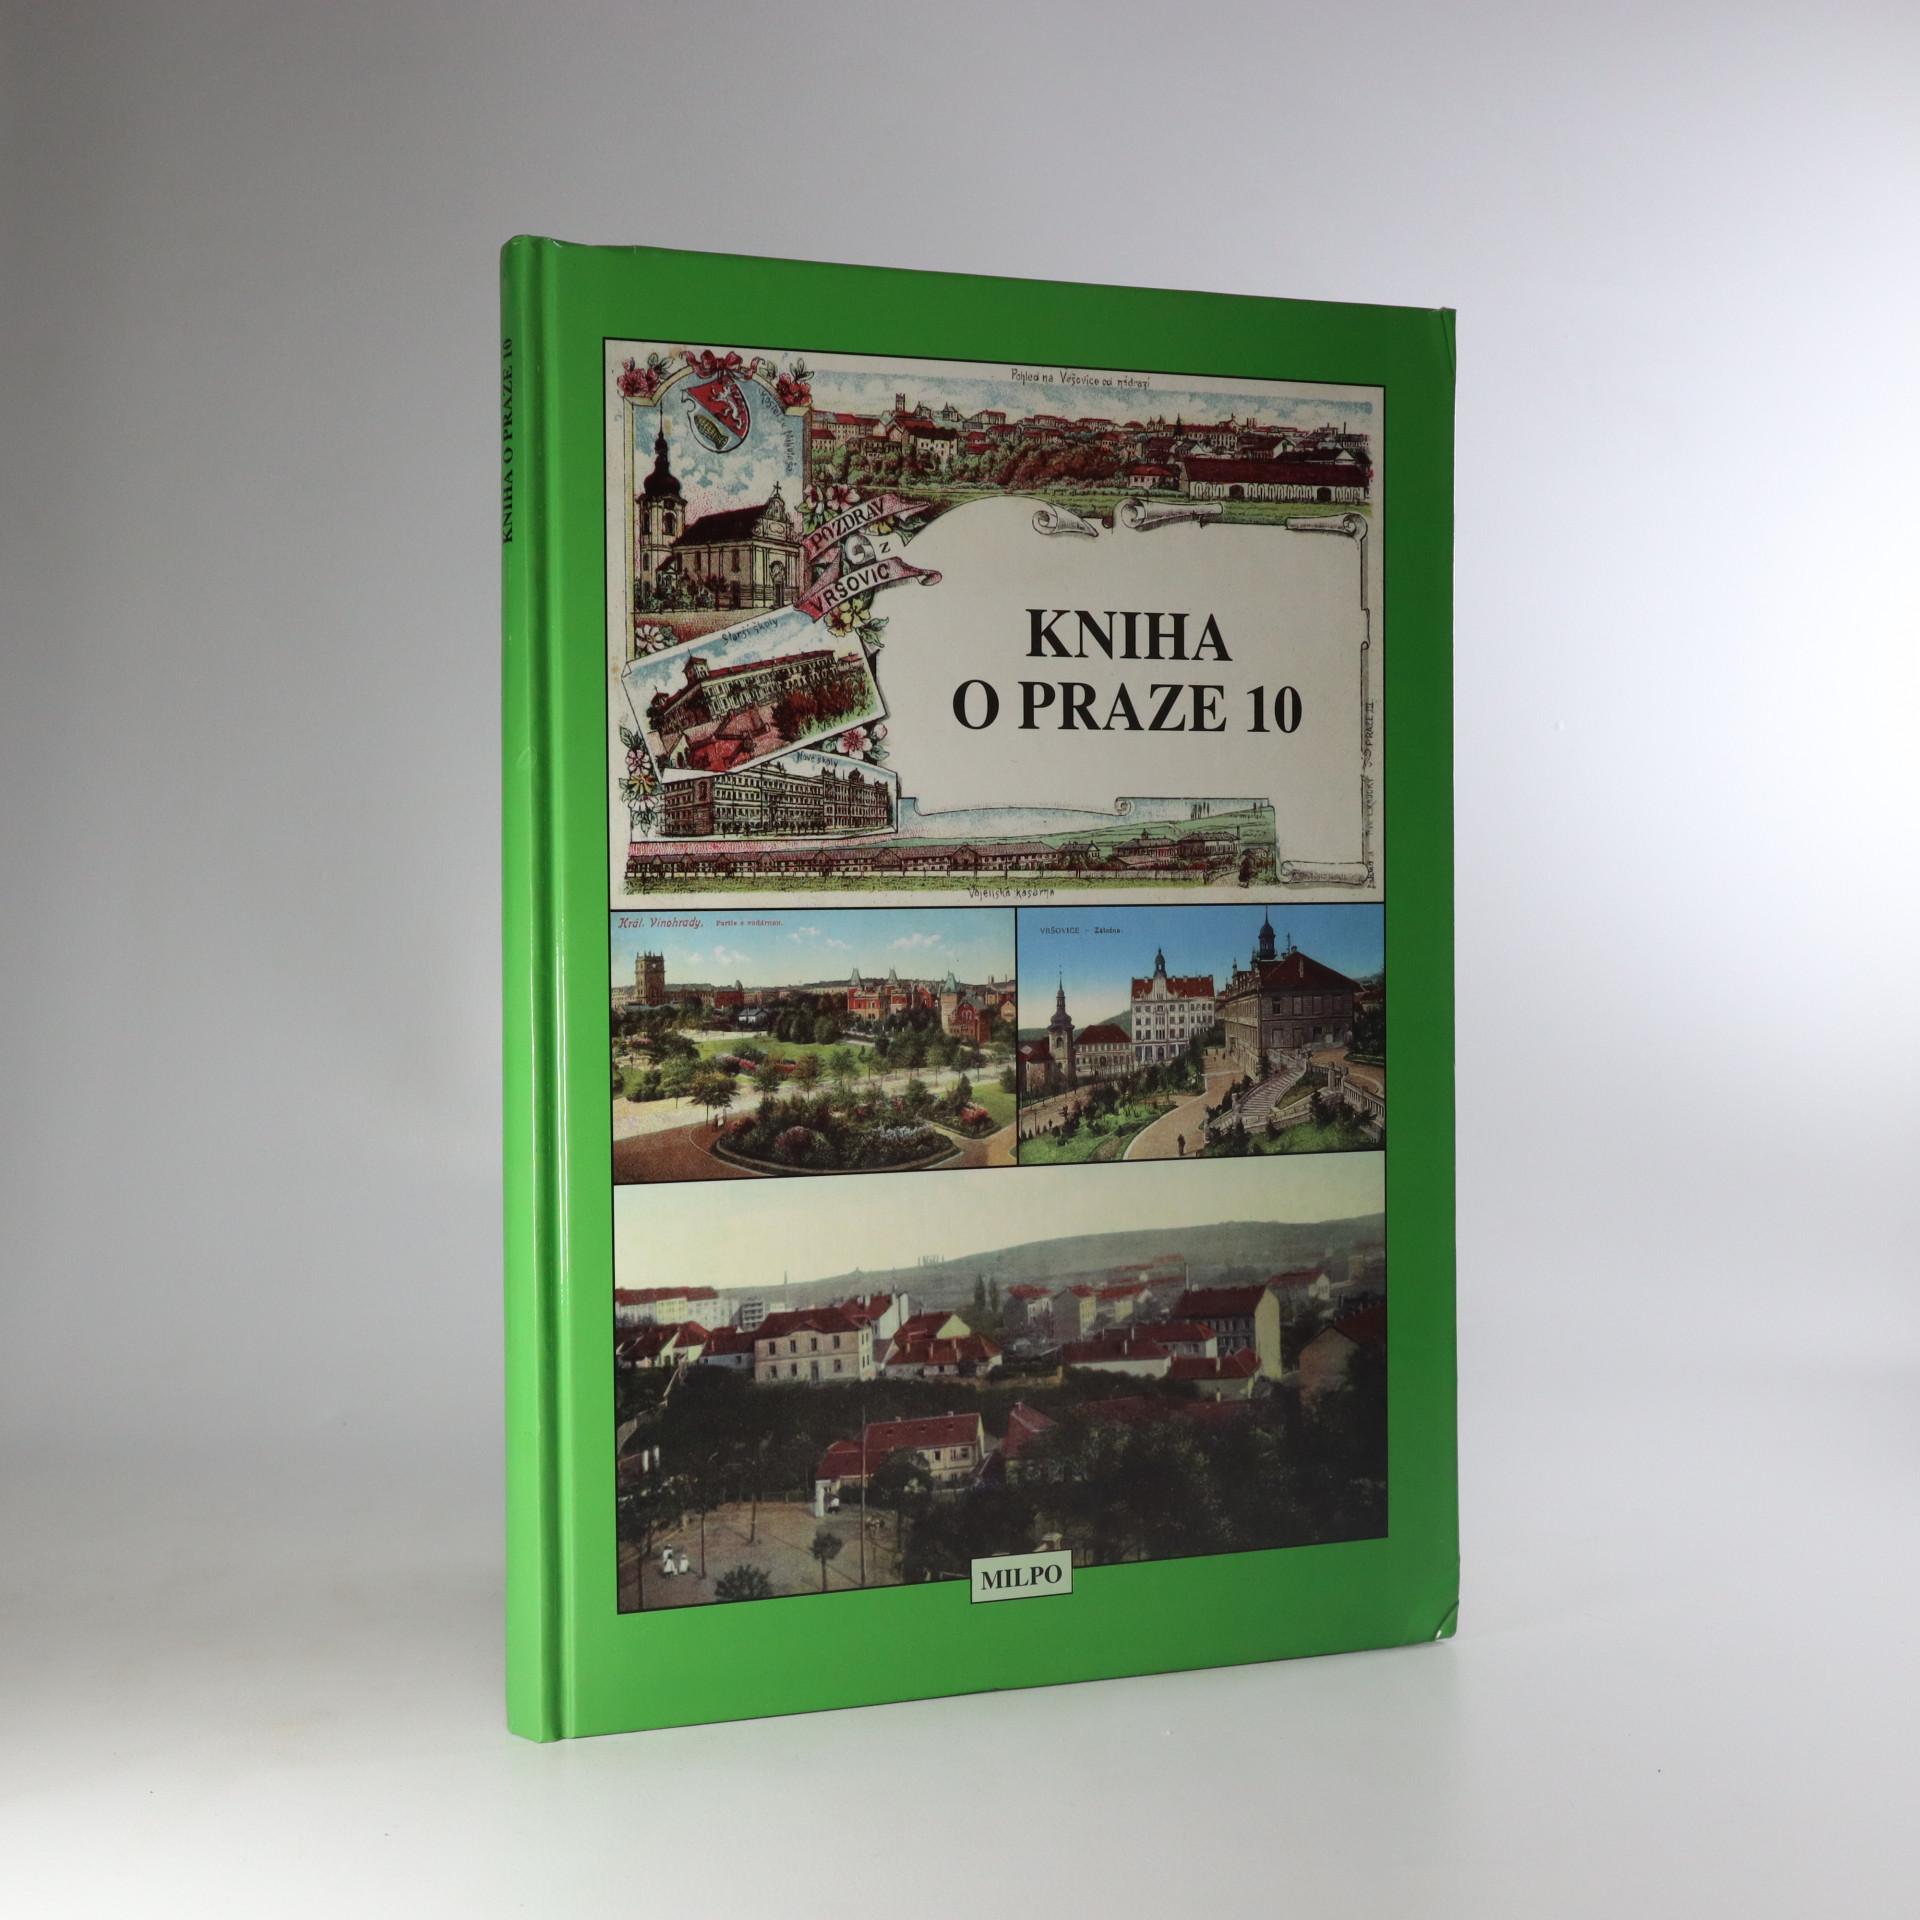 antikvární kniha Kniha o Praze 10, 1997